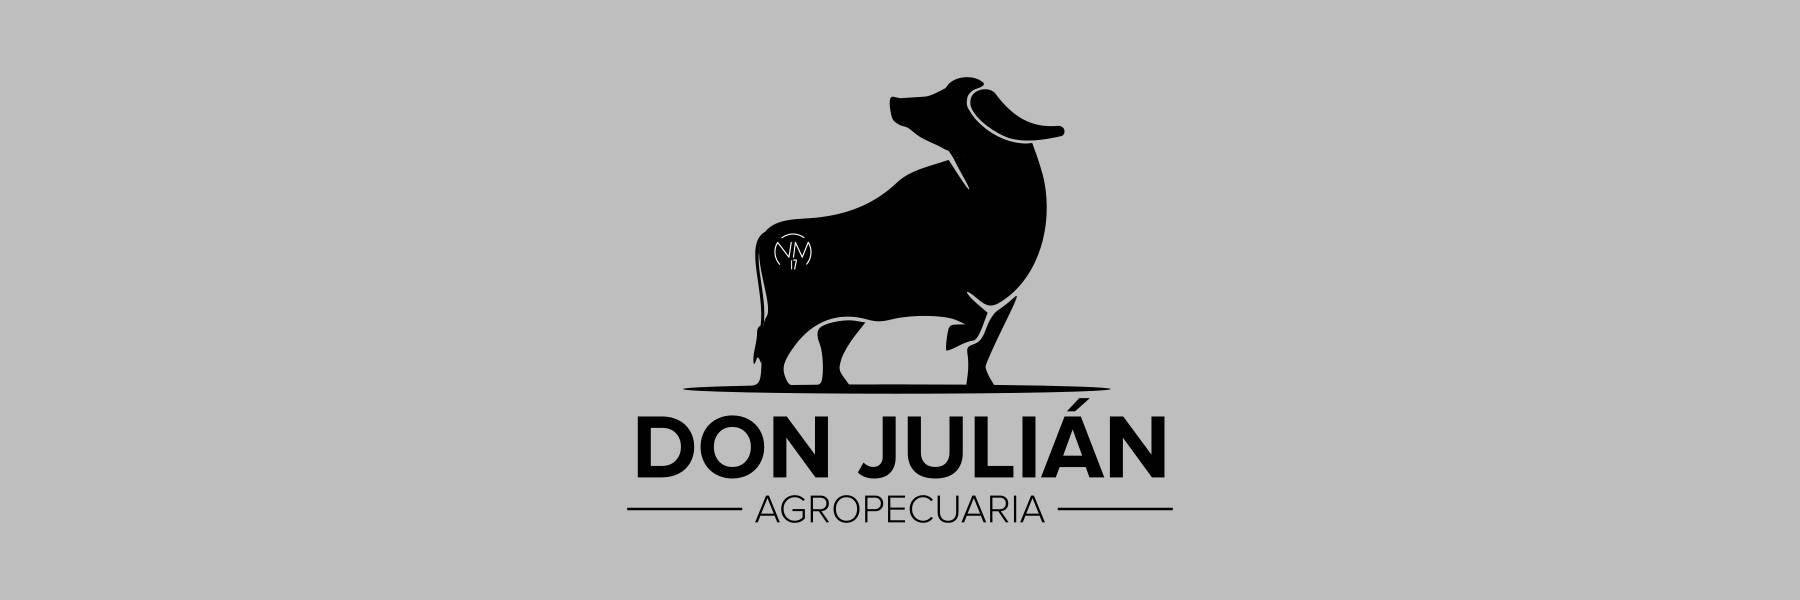 ADJ-logo1_header